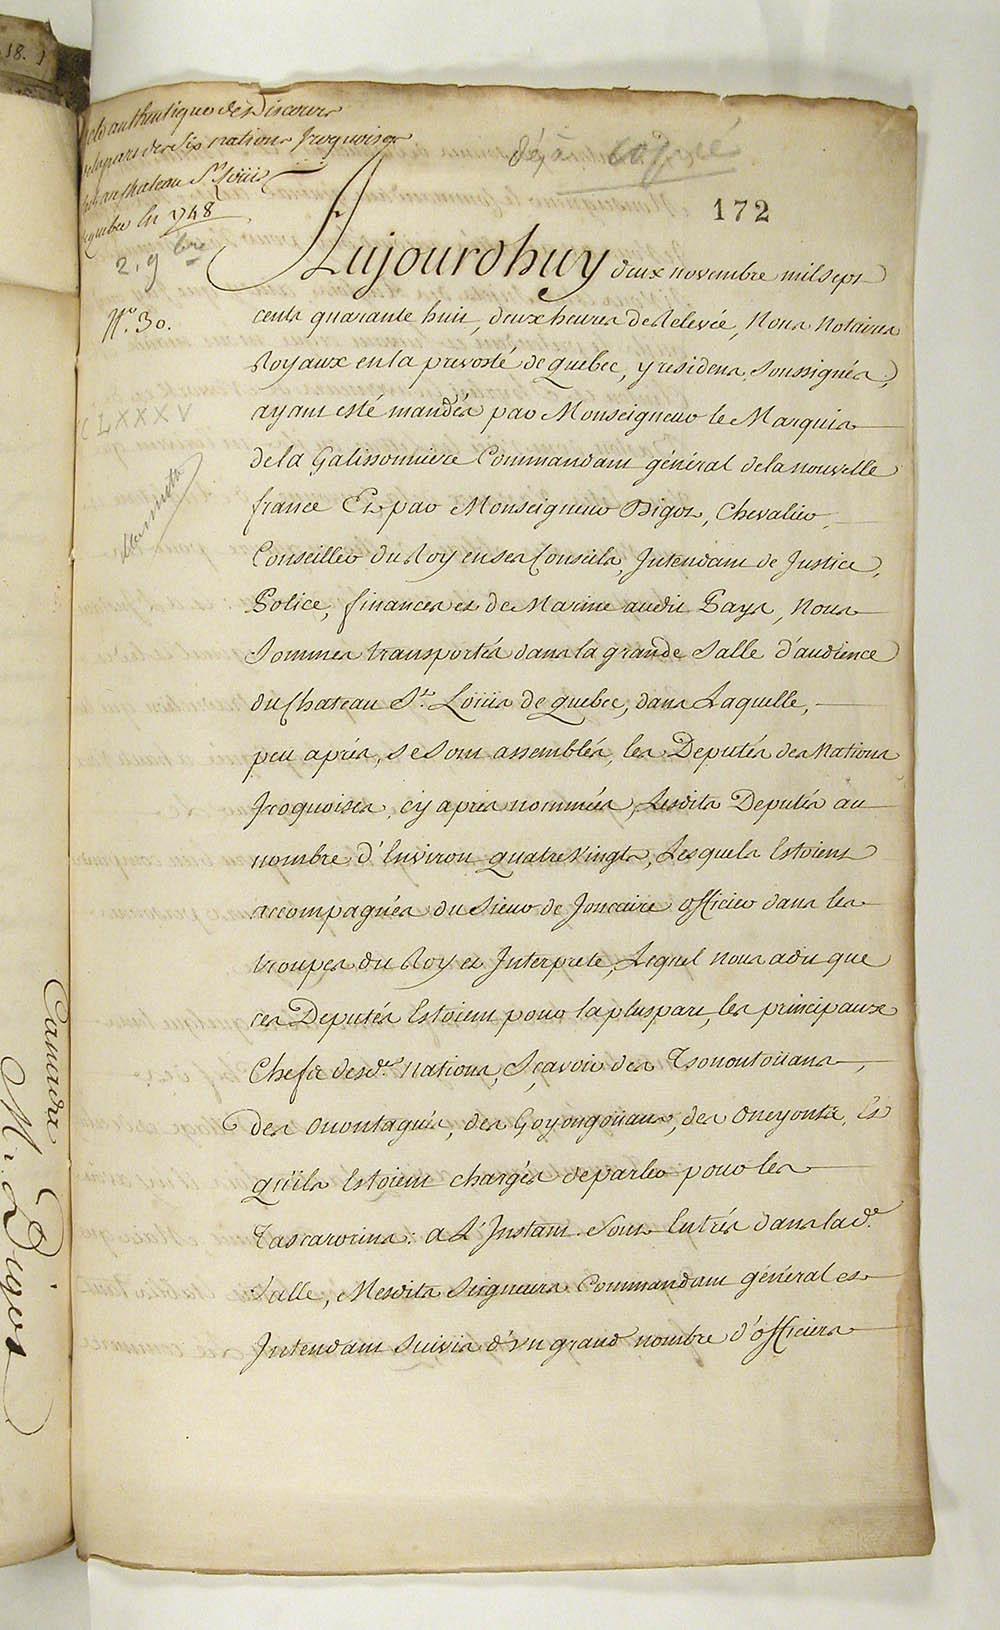 Procès-verbal d'une assemblée tenue avec les députés iroquois au château Saint-Louis, 2 novembre 1748. FR CAOM COL C11A 92 fol. 172-175